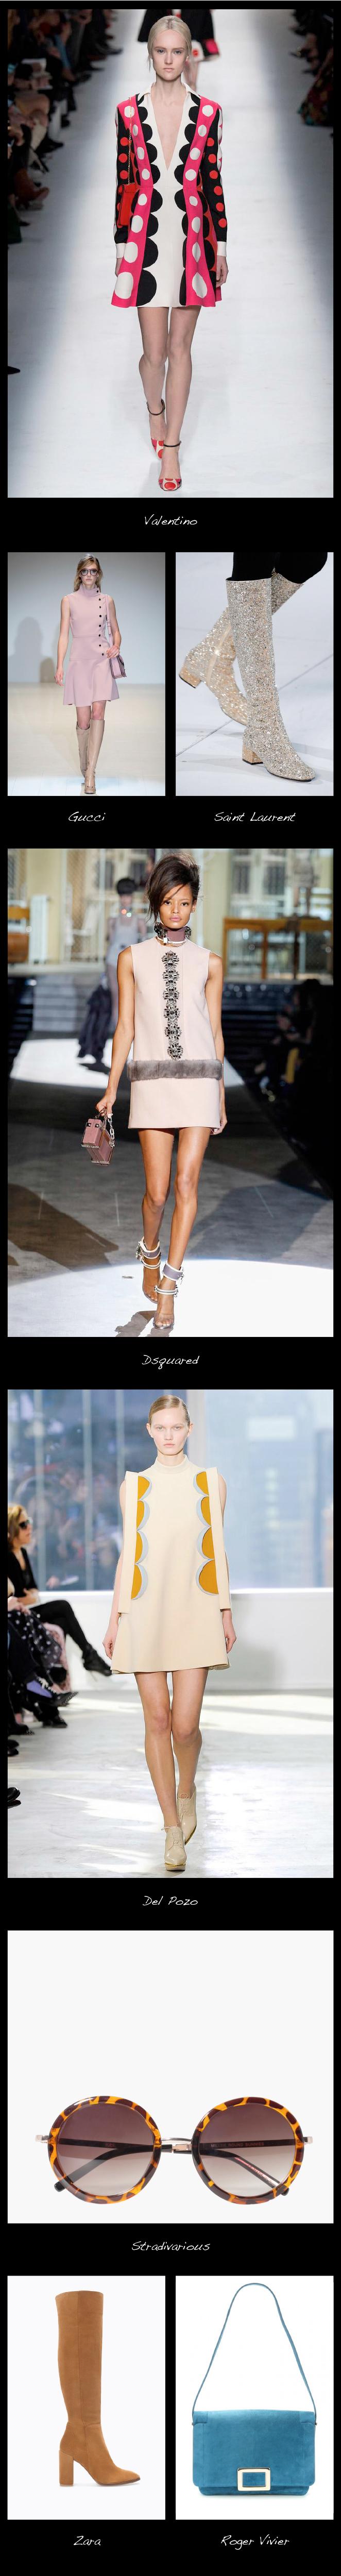 Retorno a los 60. Vuelve el estilo retro, los estampados psicodélicos, los mini vestidos y las botas de caña alta.